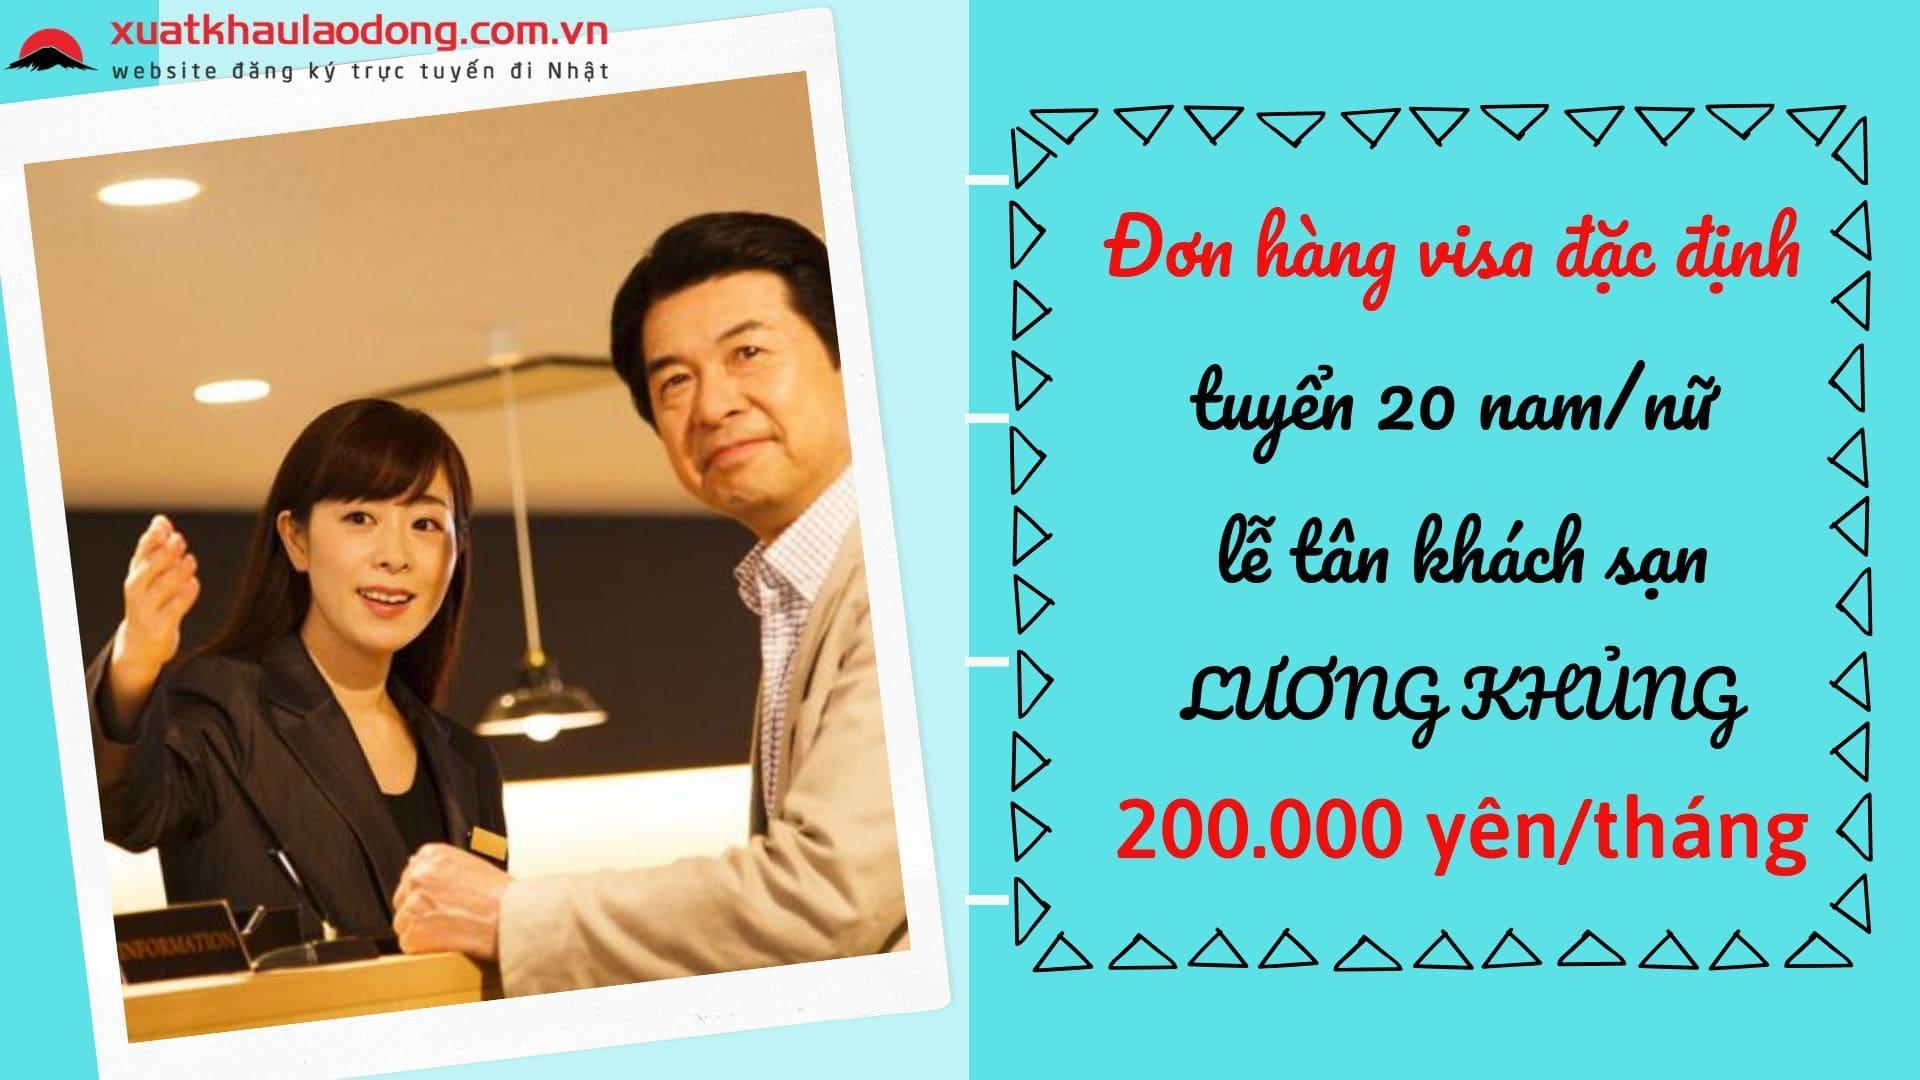 Đơn hàng visa đặc định tuyển 20 nam/nữ làm lễ tân khách sạn LƯƠNG KHỦNG